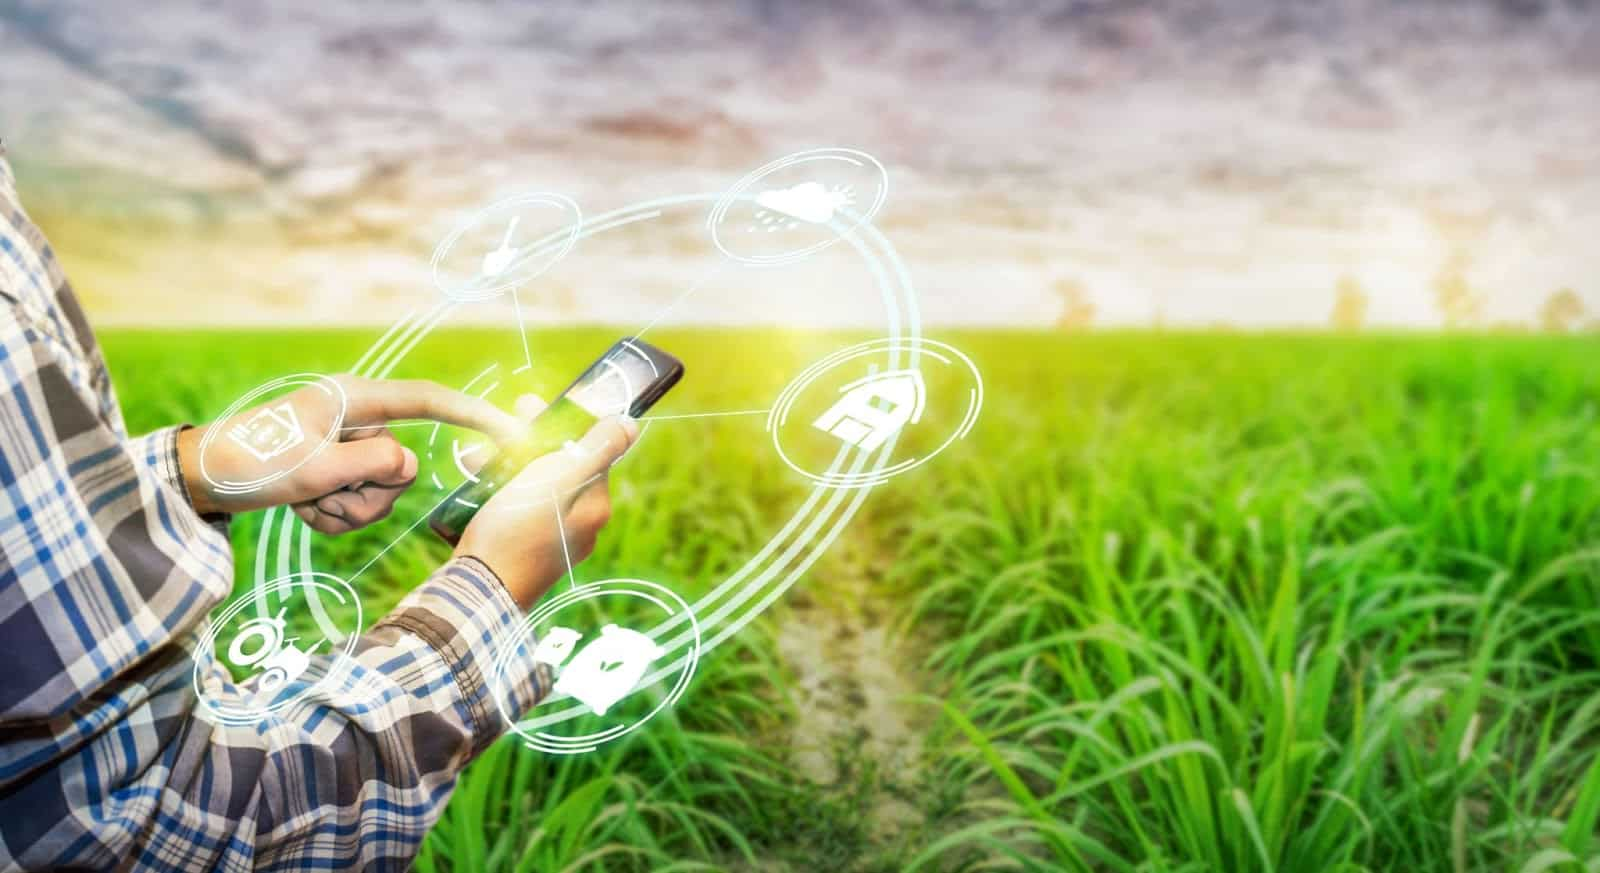 foto de homem de camisa xadrez azul e cinza mexendo em um celular em uma lavoura de arroz. Em volta do celular saltam vetores tecnológicos.